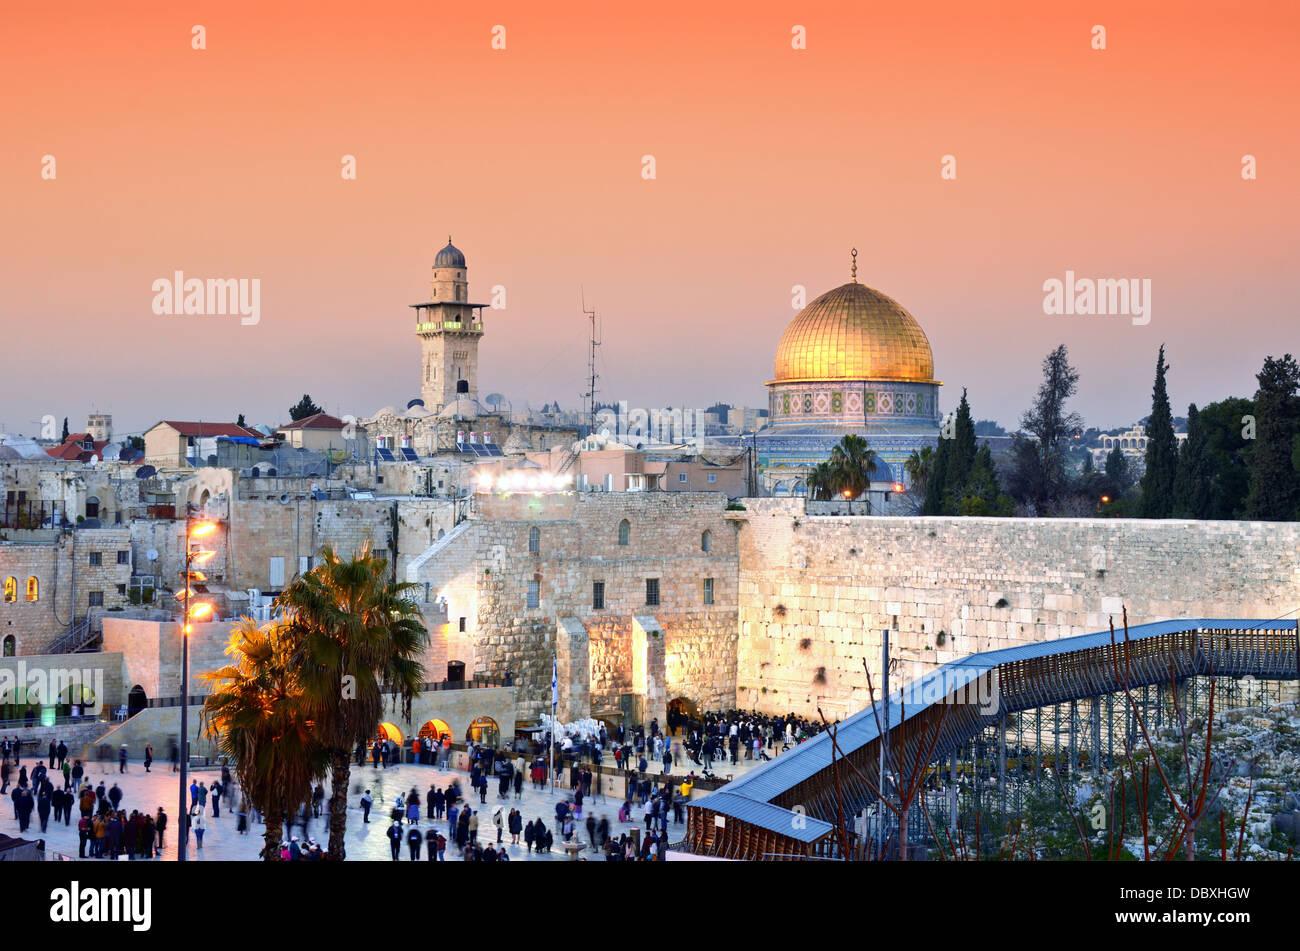 El horizonte de la ciudad vieja en el Muro Occidental y el Monte del Templo en Jerusalén, Israel. Imagen De Stock